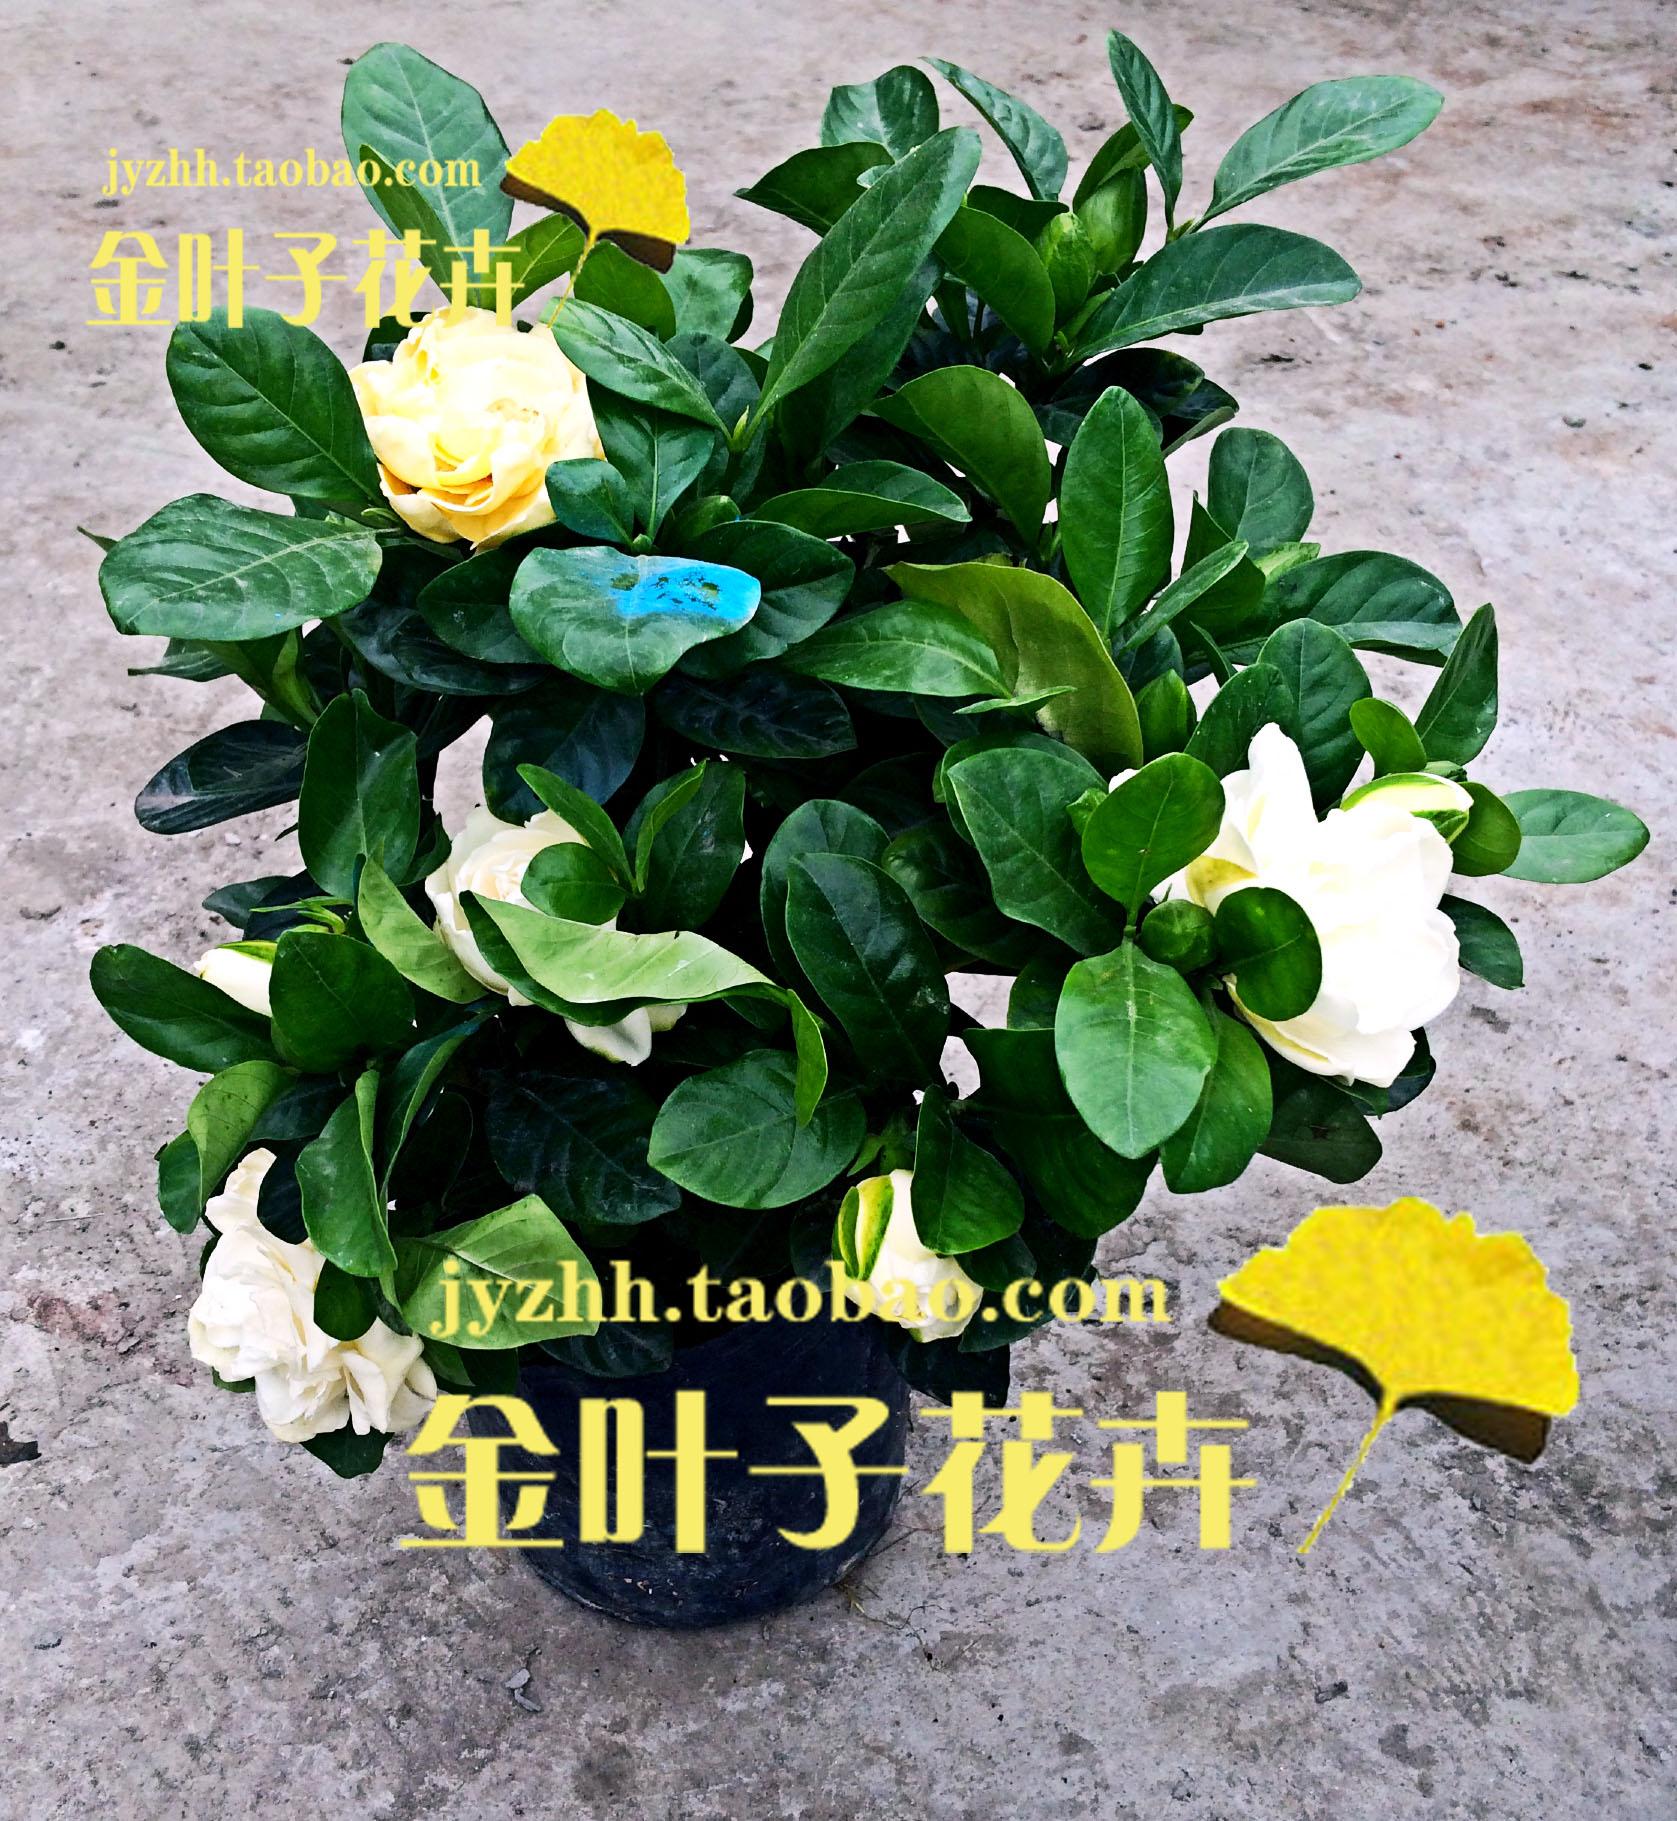 【香草植物】栀子花 花卉盆栽/芳香植物 总高45厘米